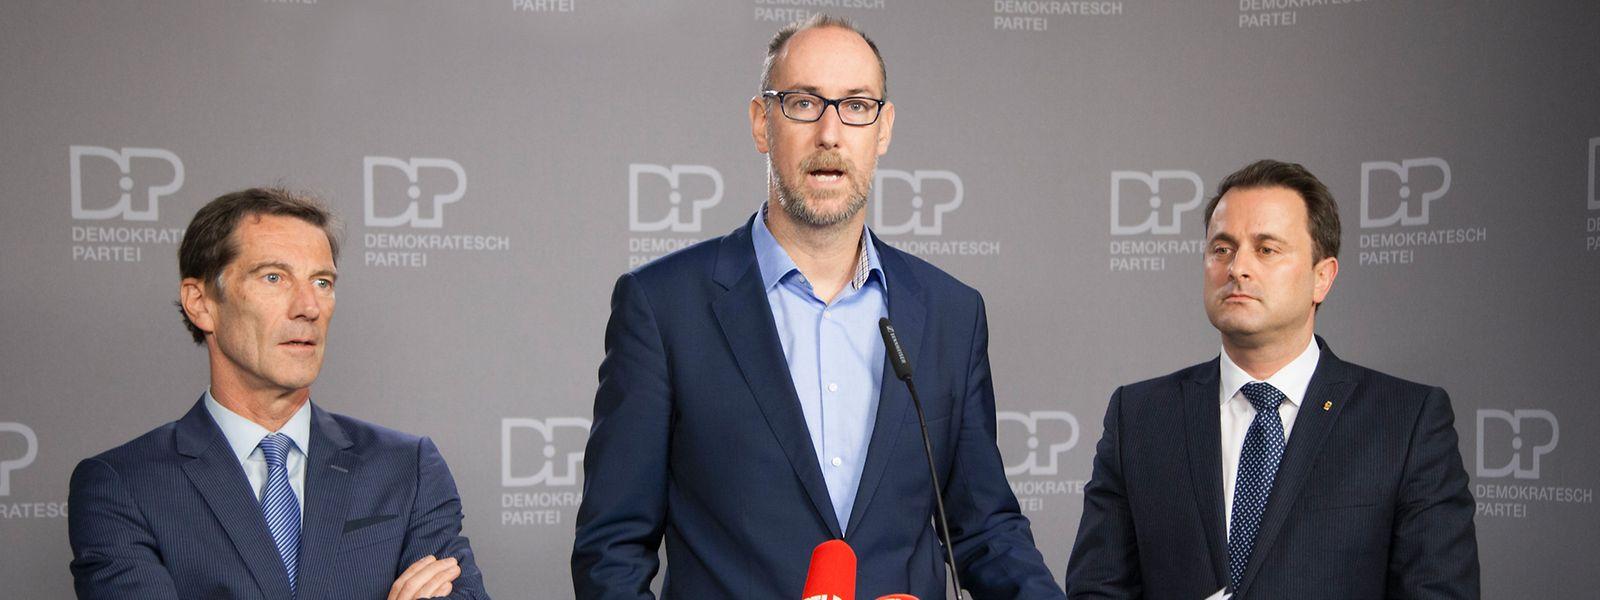 Gilles Baum (Mitte) ersetzt Eugène Berger (links) an der Spitze der DP-Fraktion. Auch Premier Xavier Bettel hatte diesen Posten einst inne.